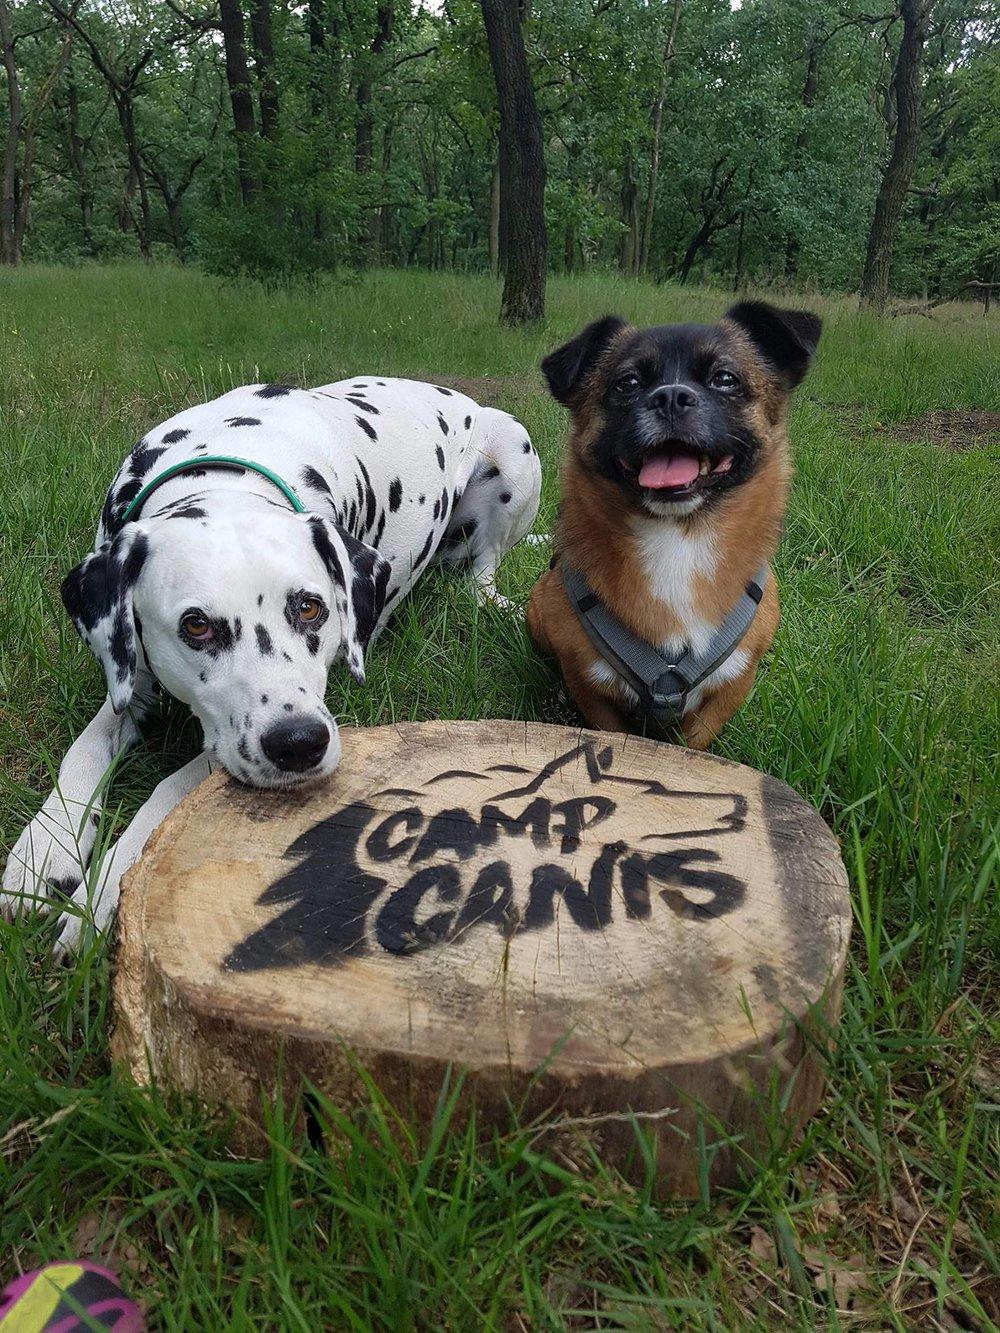 4pföter - VerantwortungCamp Canis verzichtet ganz bewusst auf Rankings, erste Plätze und Zeitmessungen. Der Fokus des Events liegt auf Teamplay, Spaß und dem Überwinden von Grenzen. Wir schätzen Ehrgeiz und Mut, aber reagieren unwirsch, wenn du mögliche Grenzen nicht mit deinem Hund abgesprochen hast.